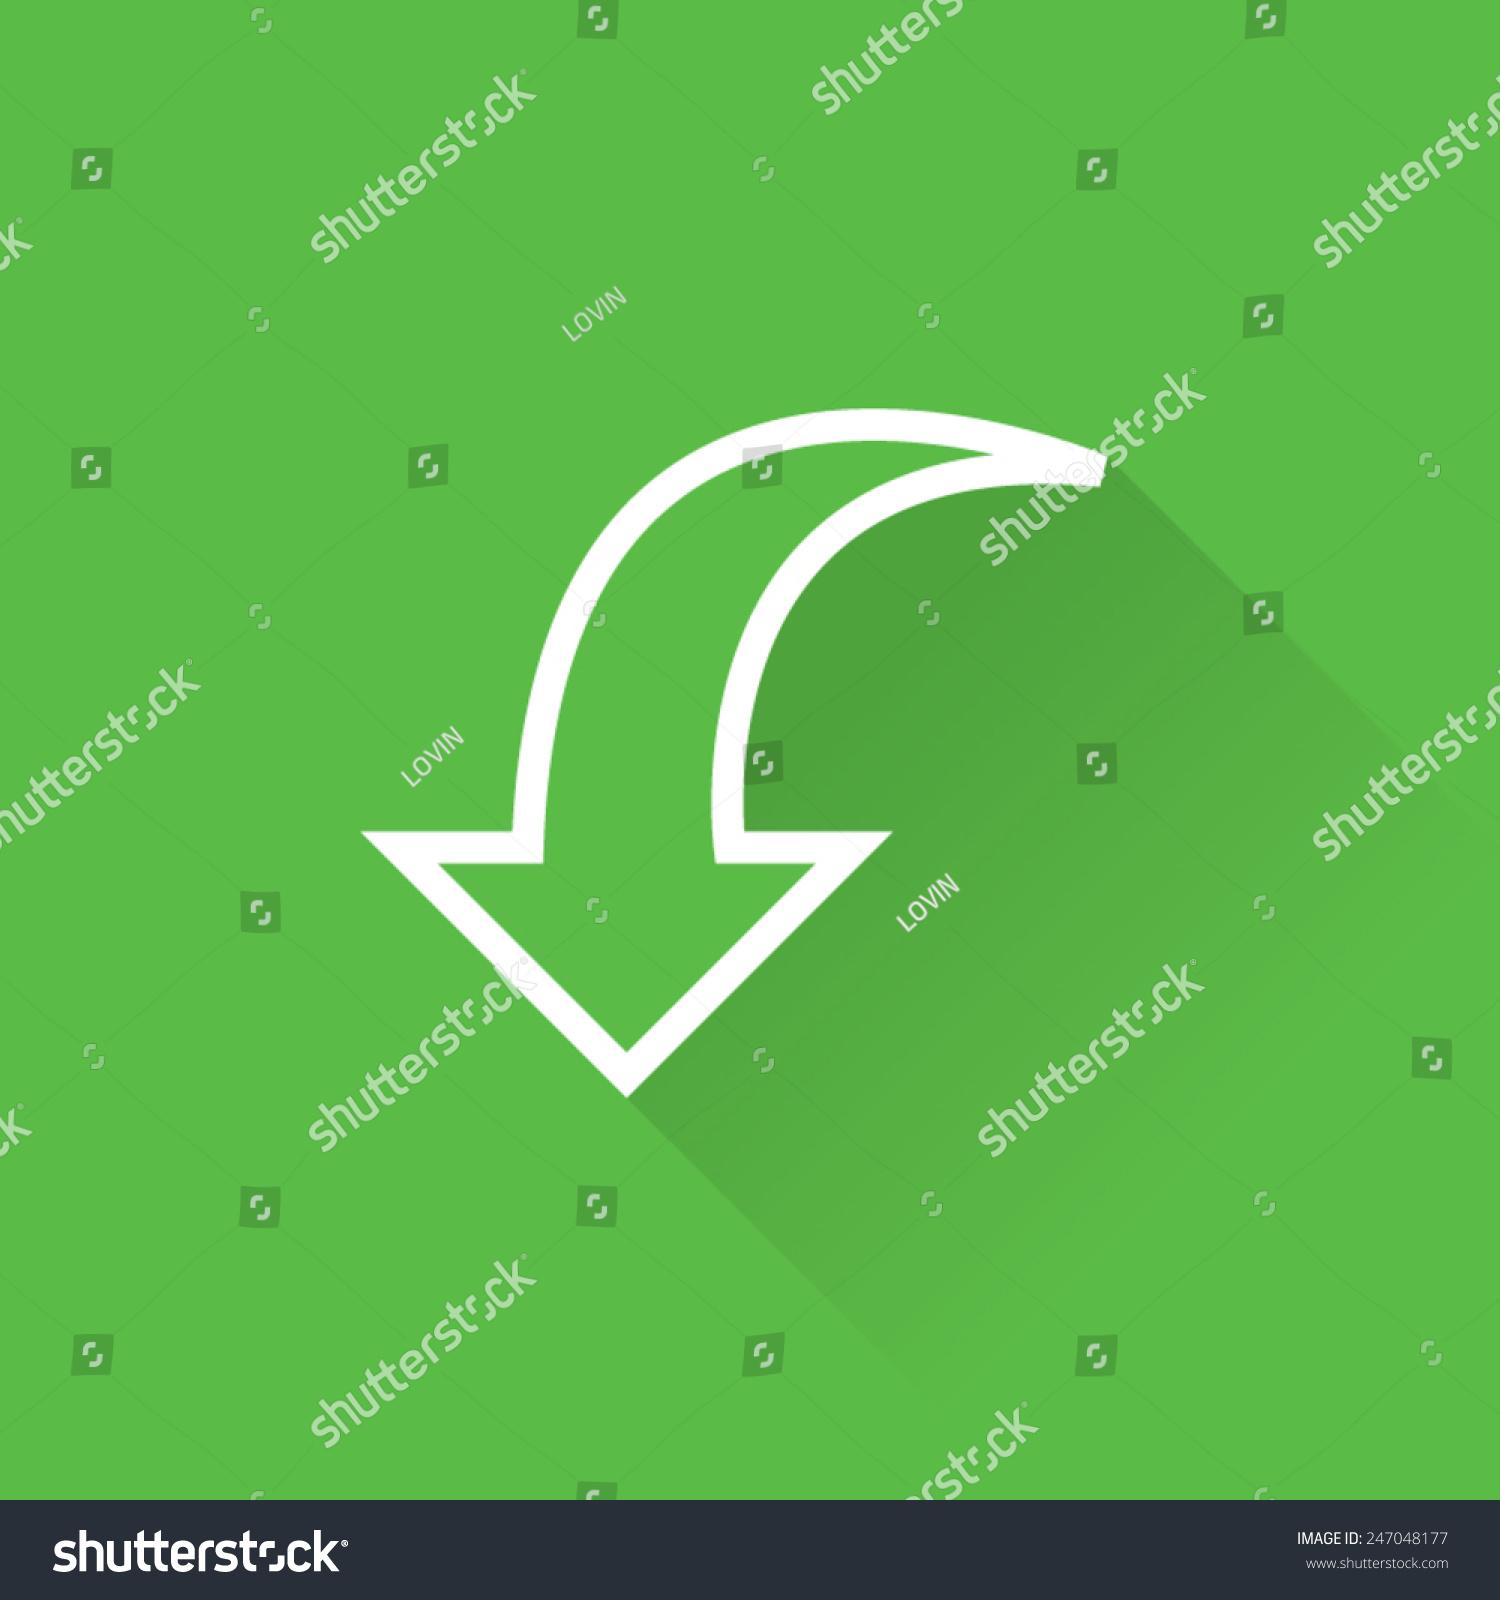 线弯曲向下箭头图标-符号/标志-海洛创意(hellorf)--.